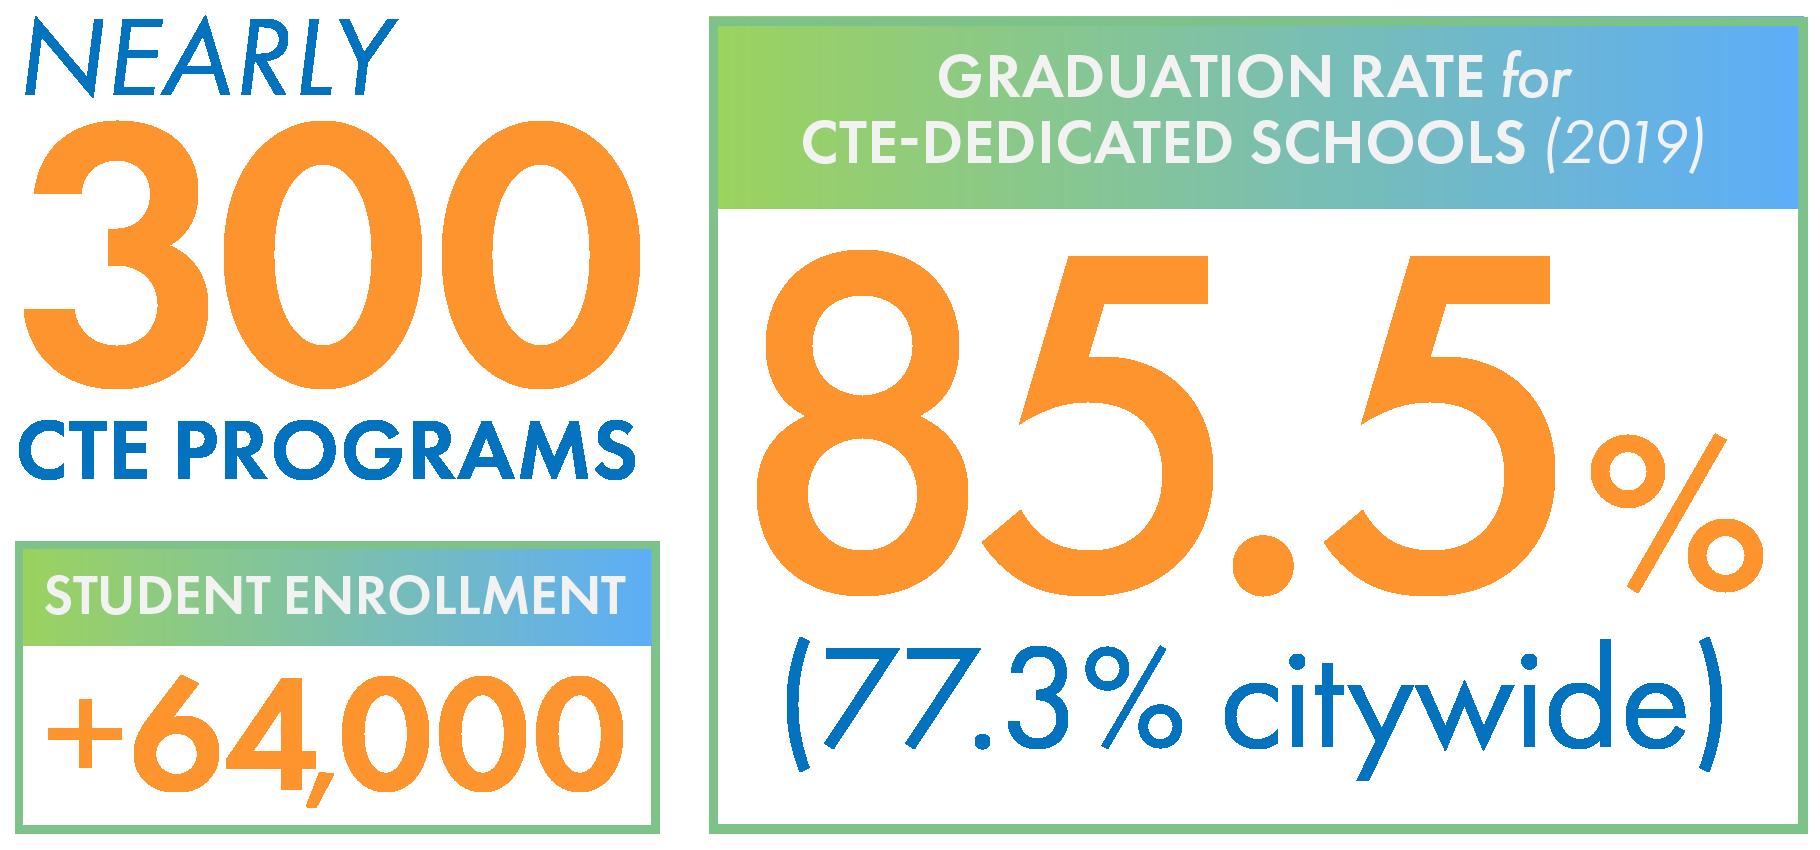 CTE statistics